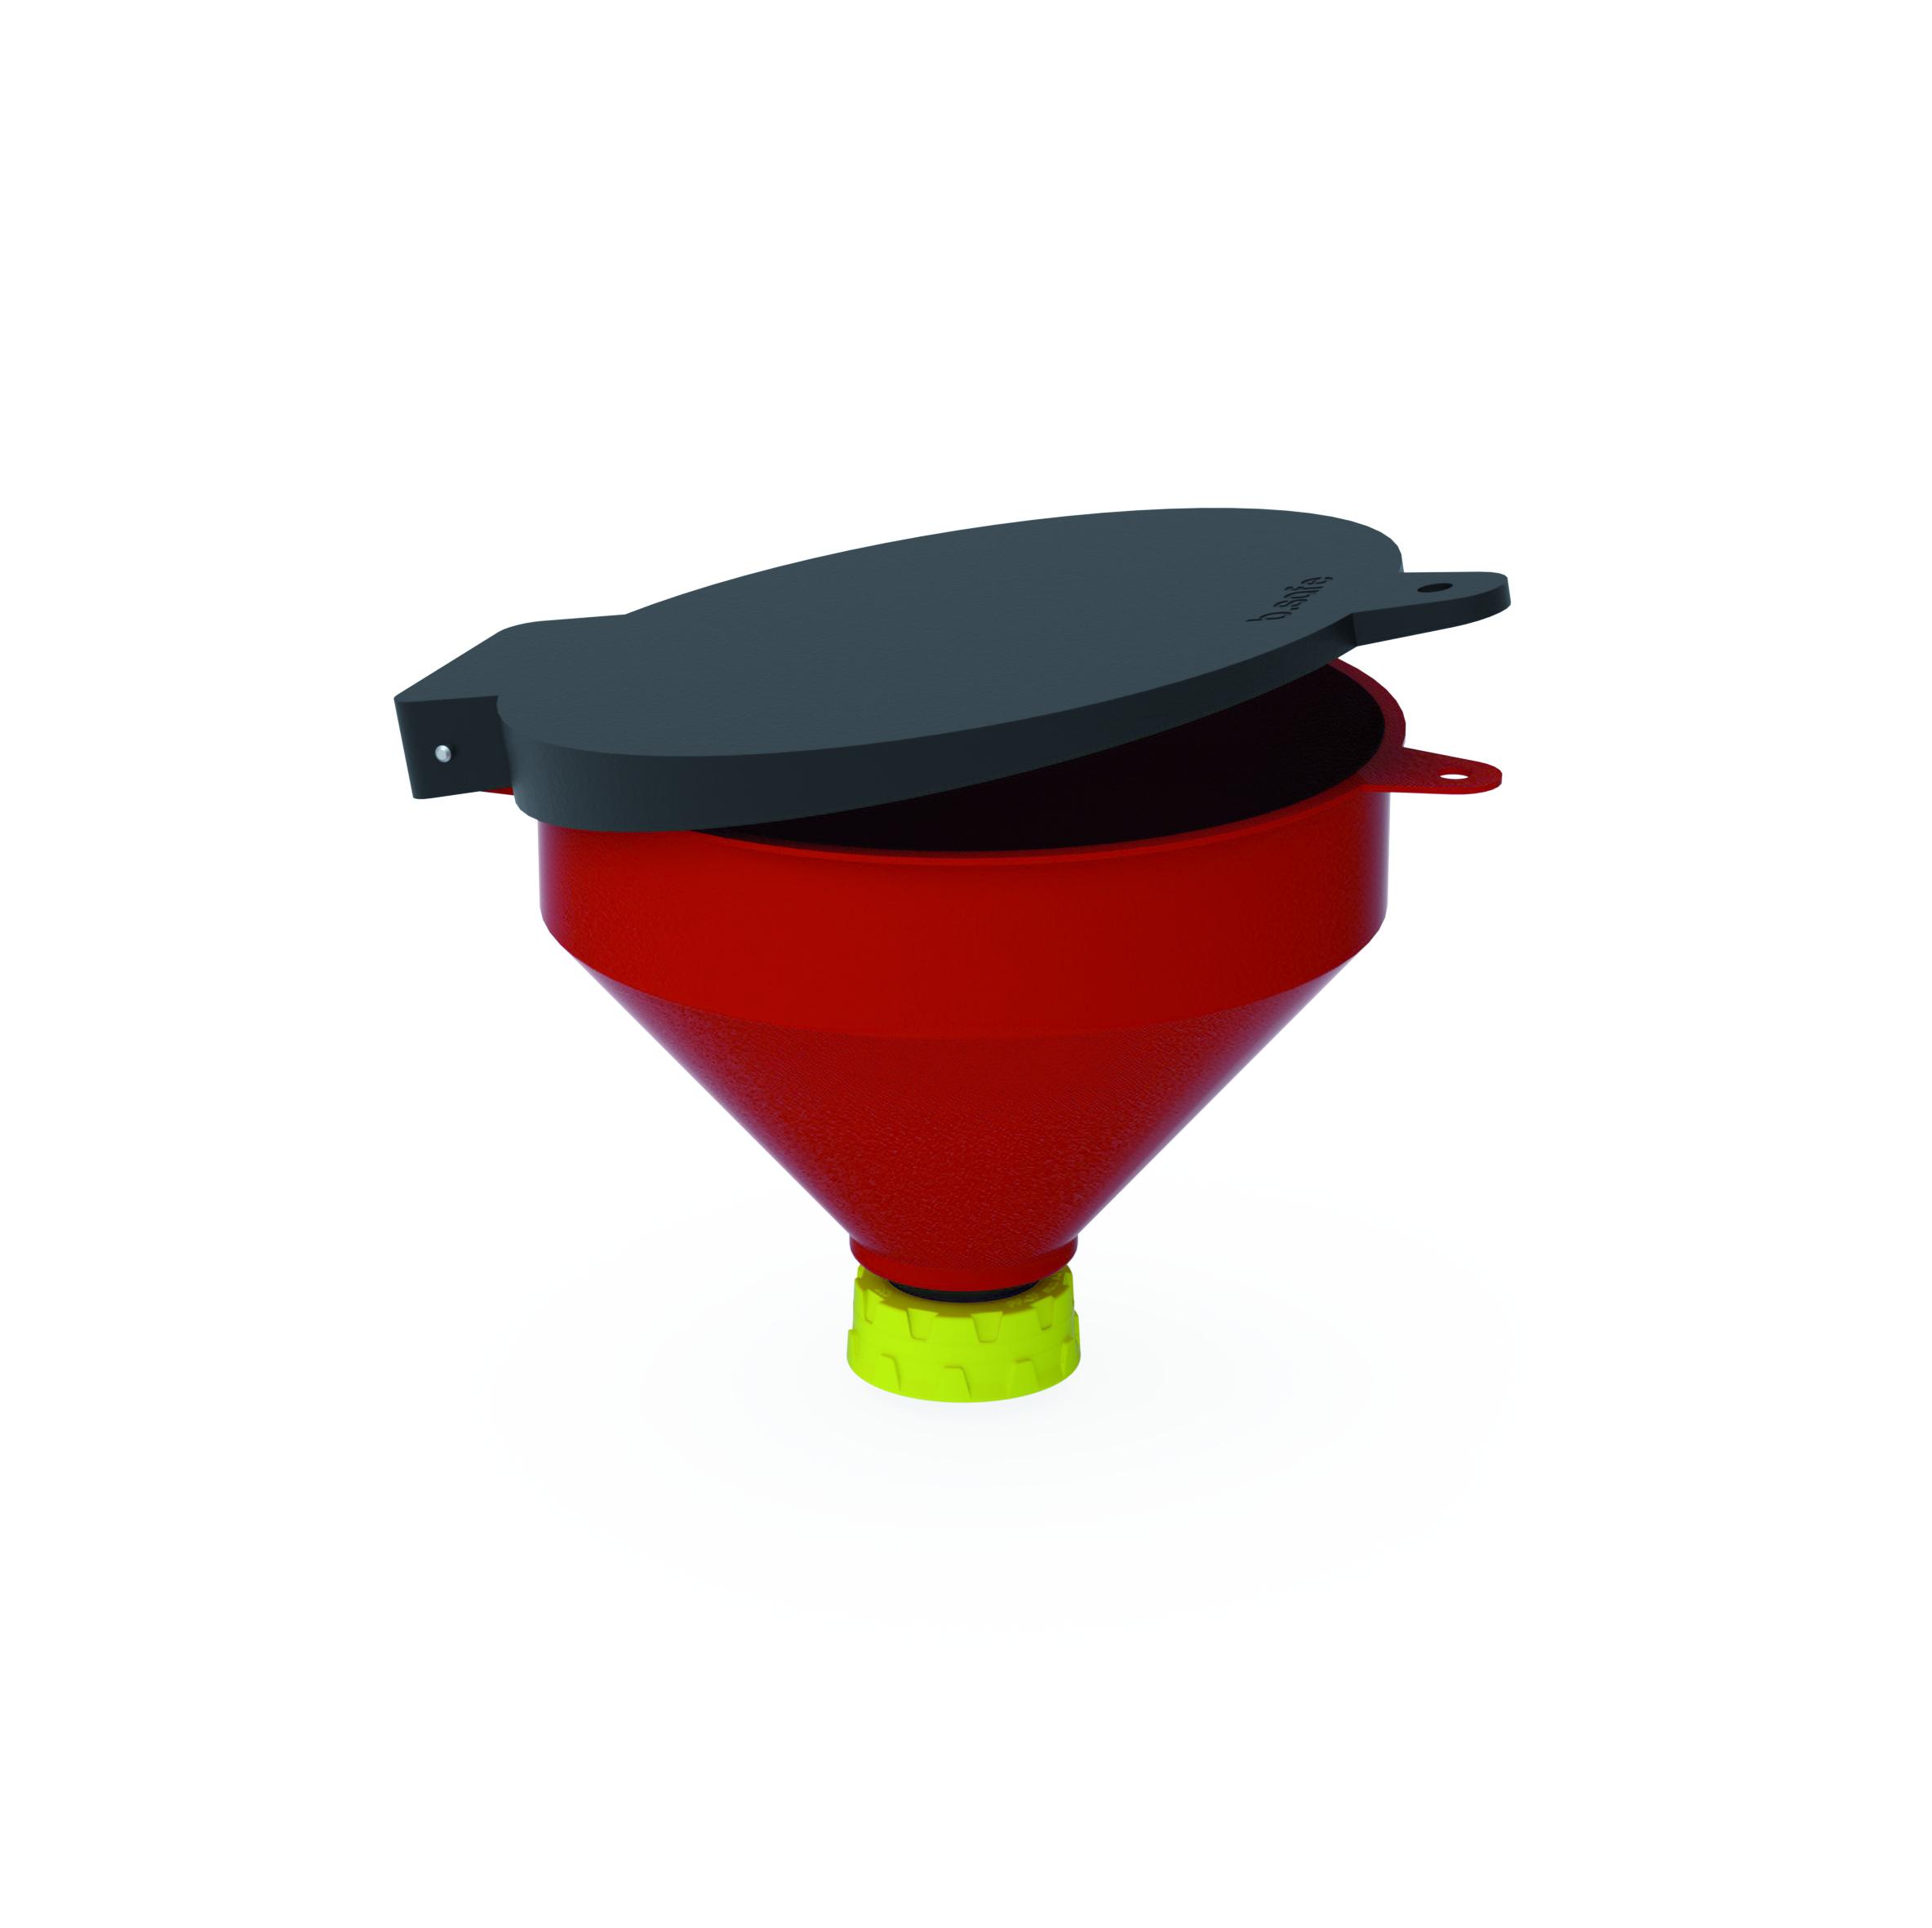 Trichter 250  Trichter aus PE zur Entsorgung von flüssigen Abfällen. Mit dem Gewindeanschluss, der fest mit de